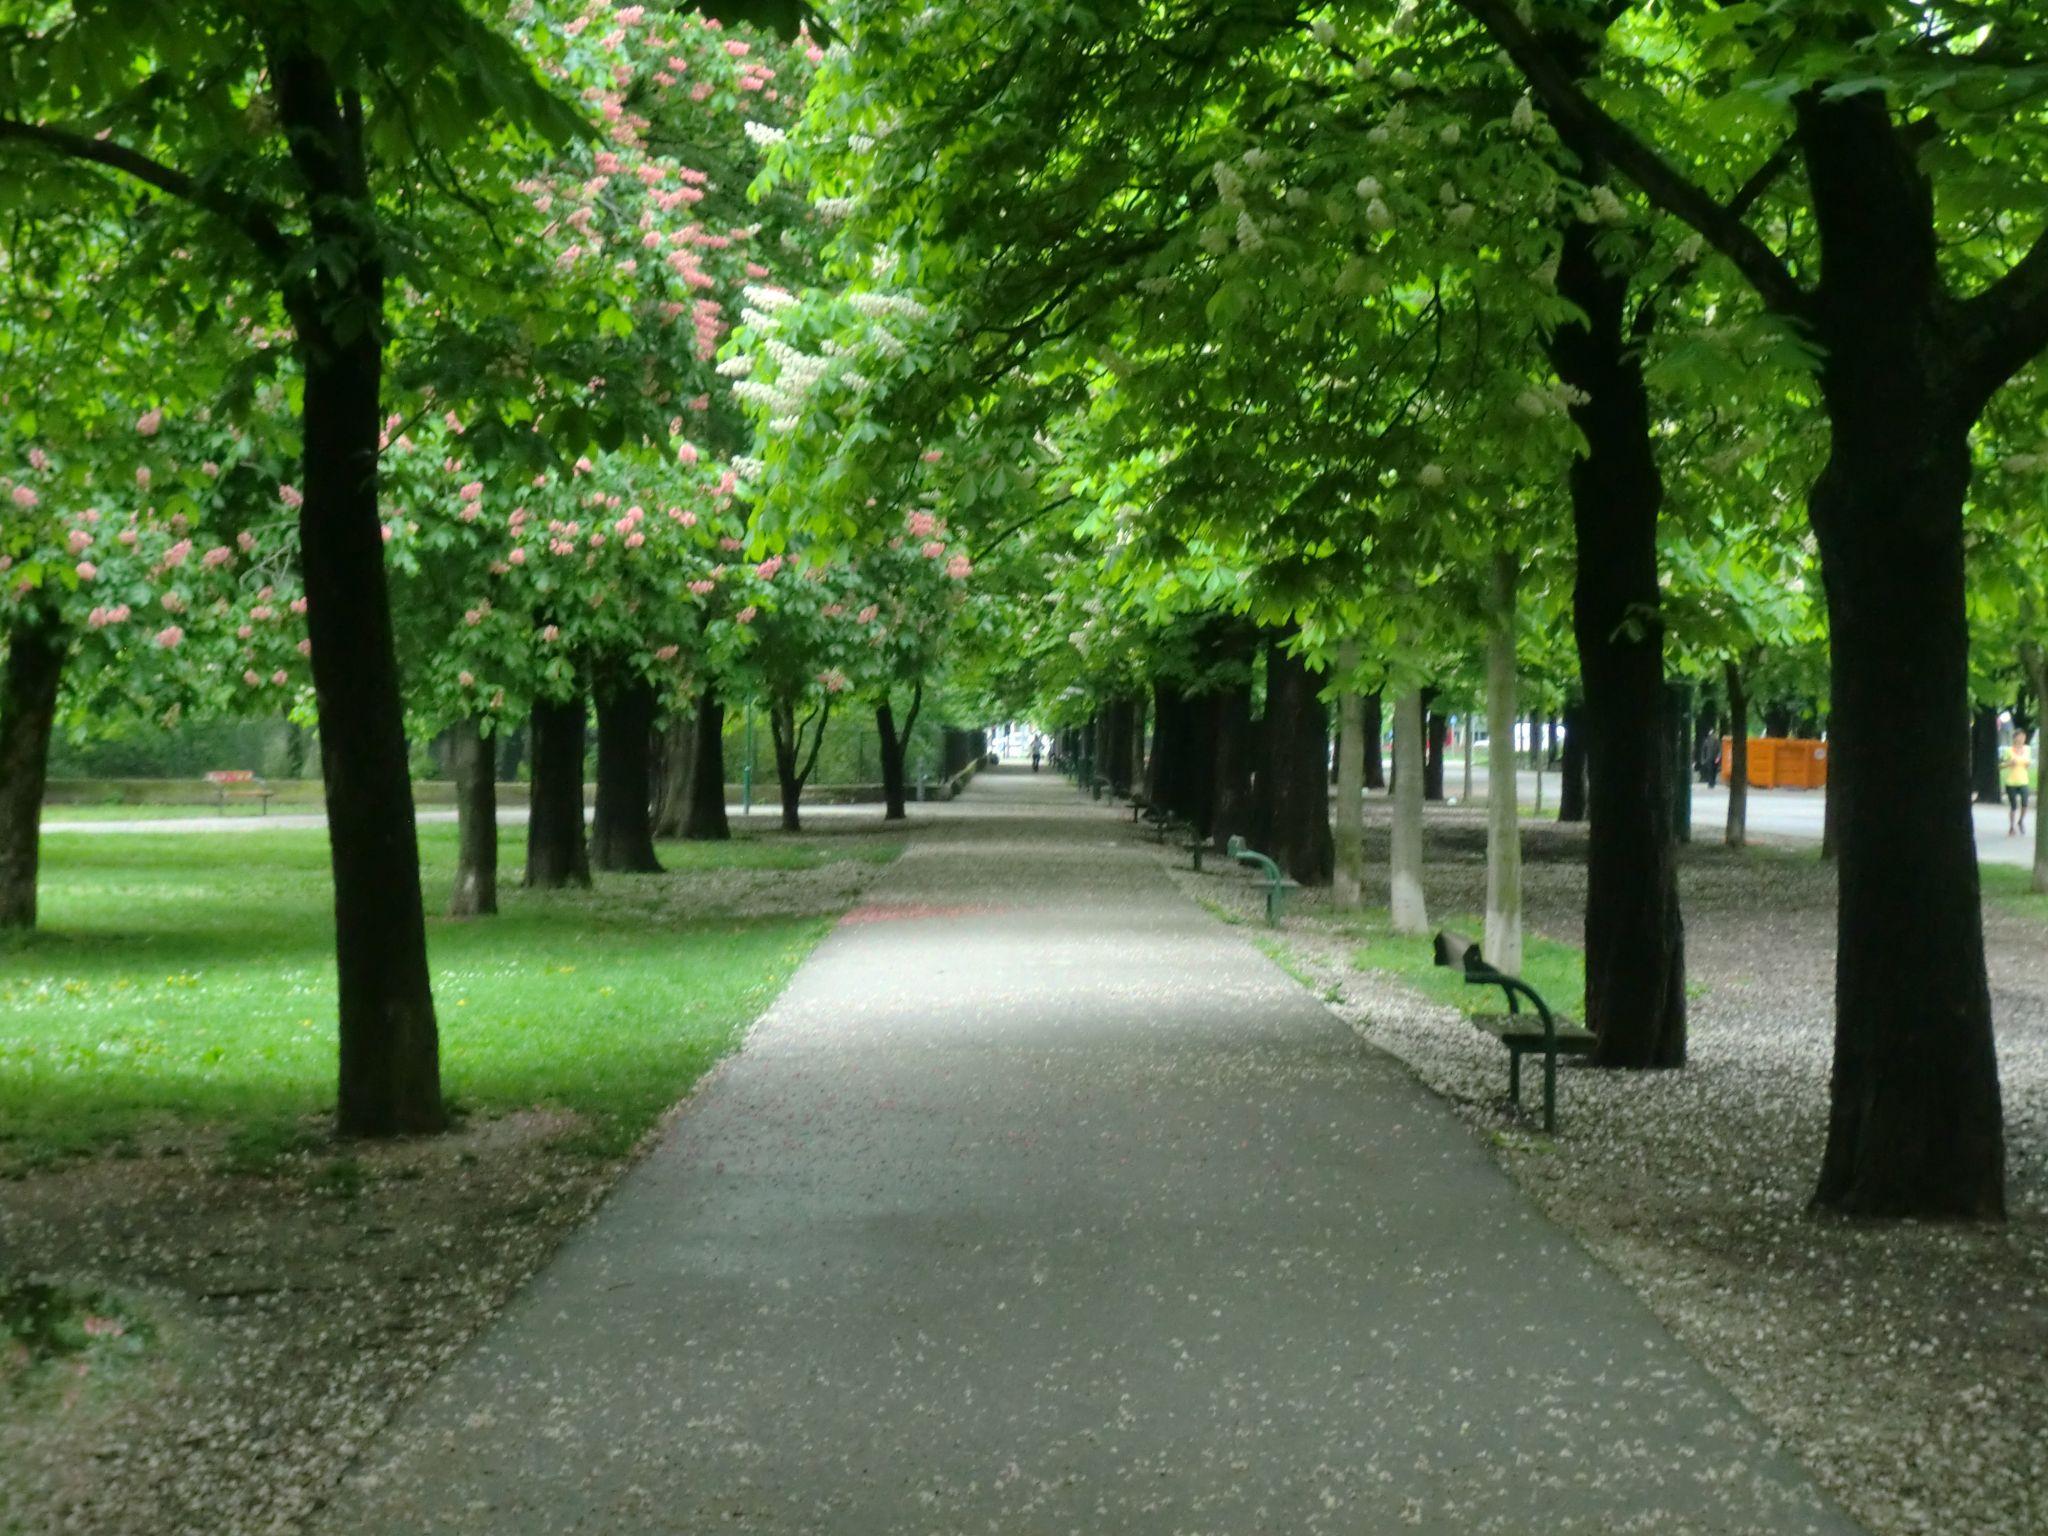 Vienna park 38 1440x1080 - Vienna: elegant beauty